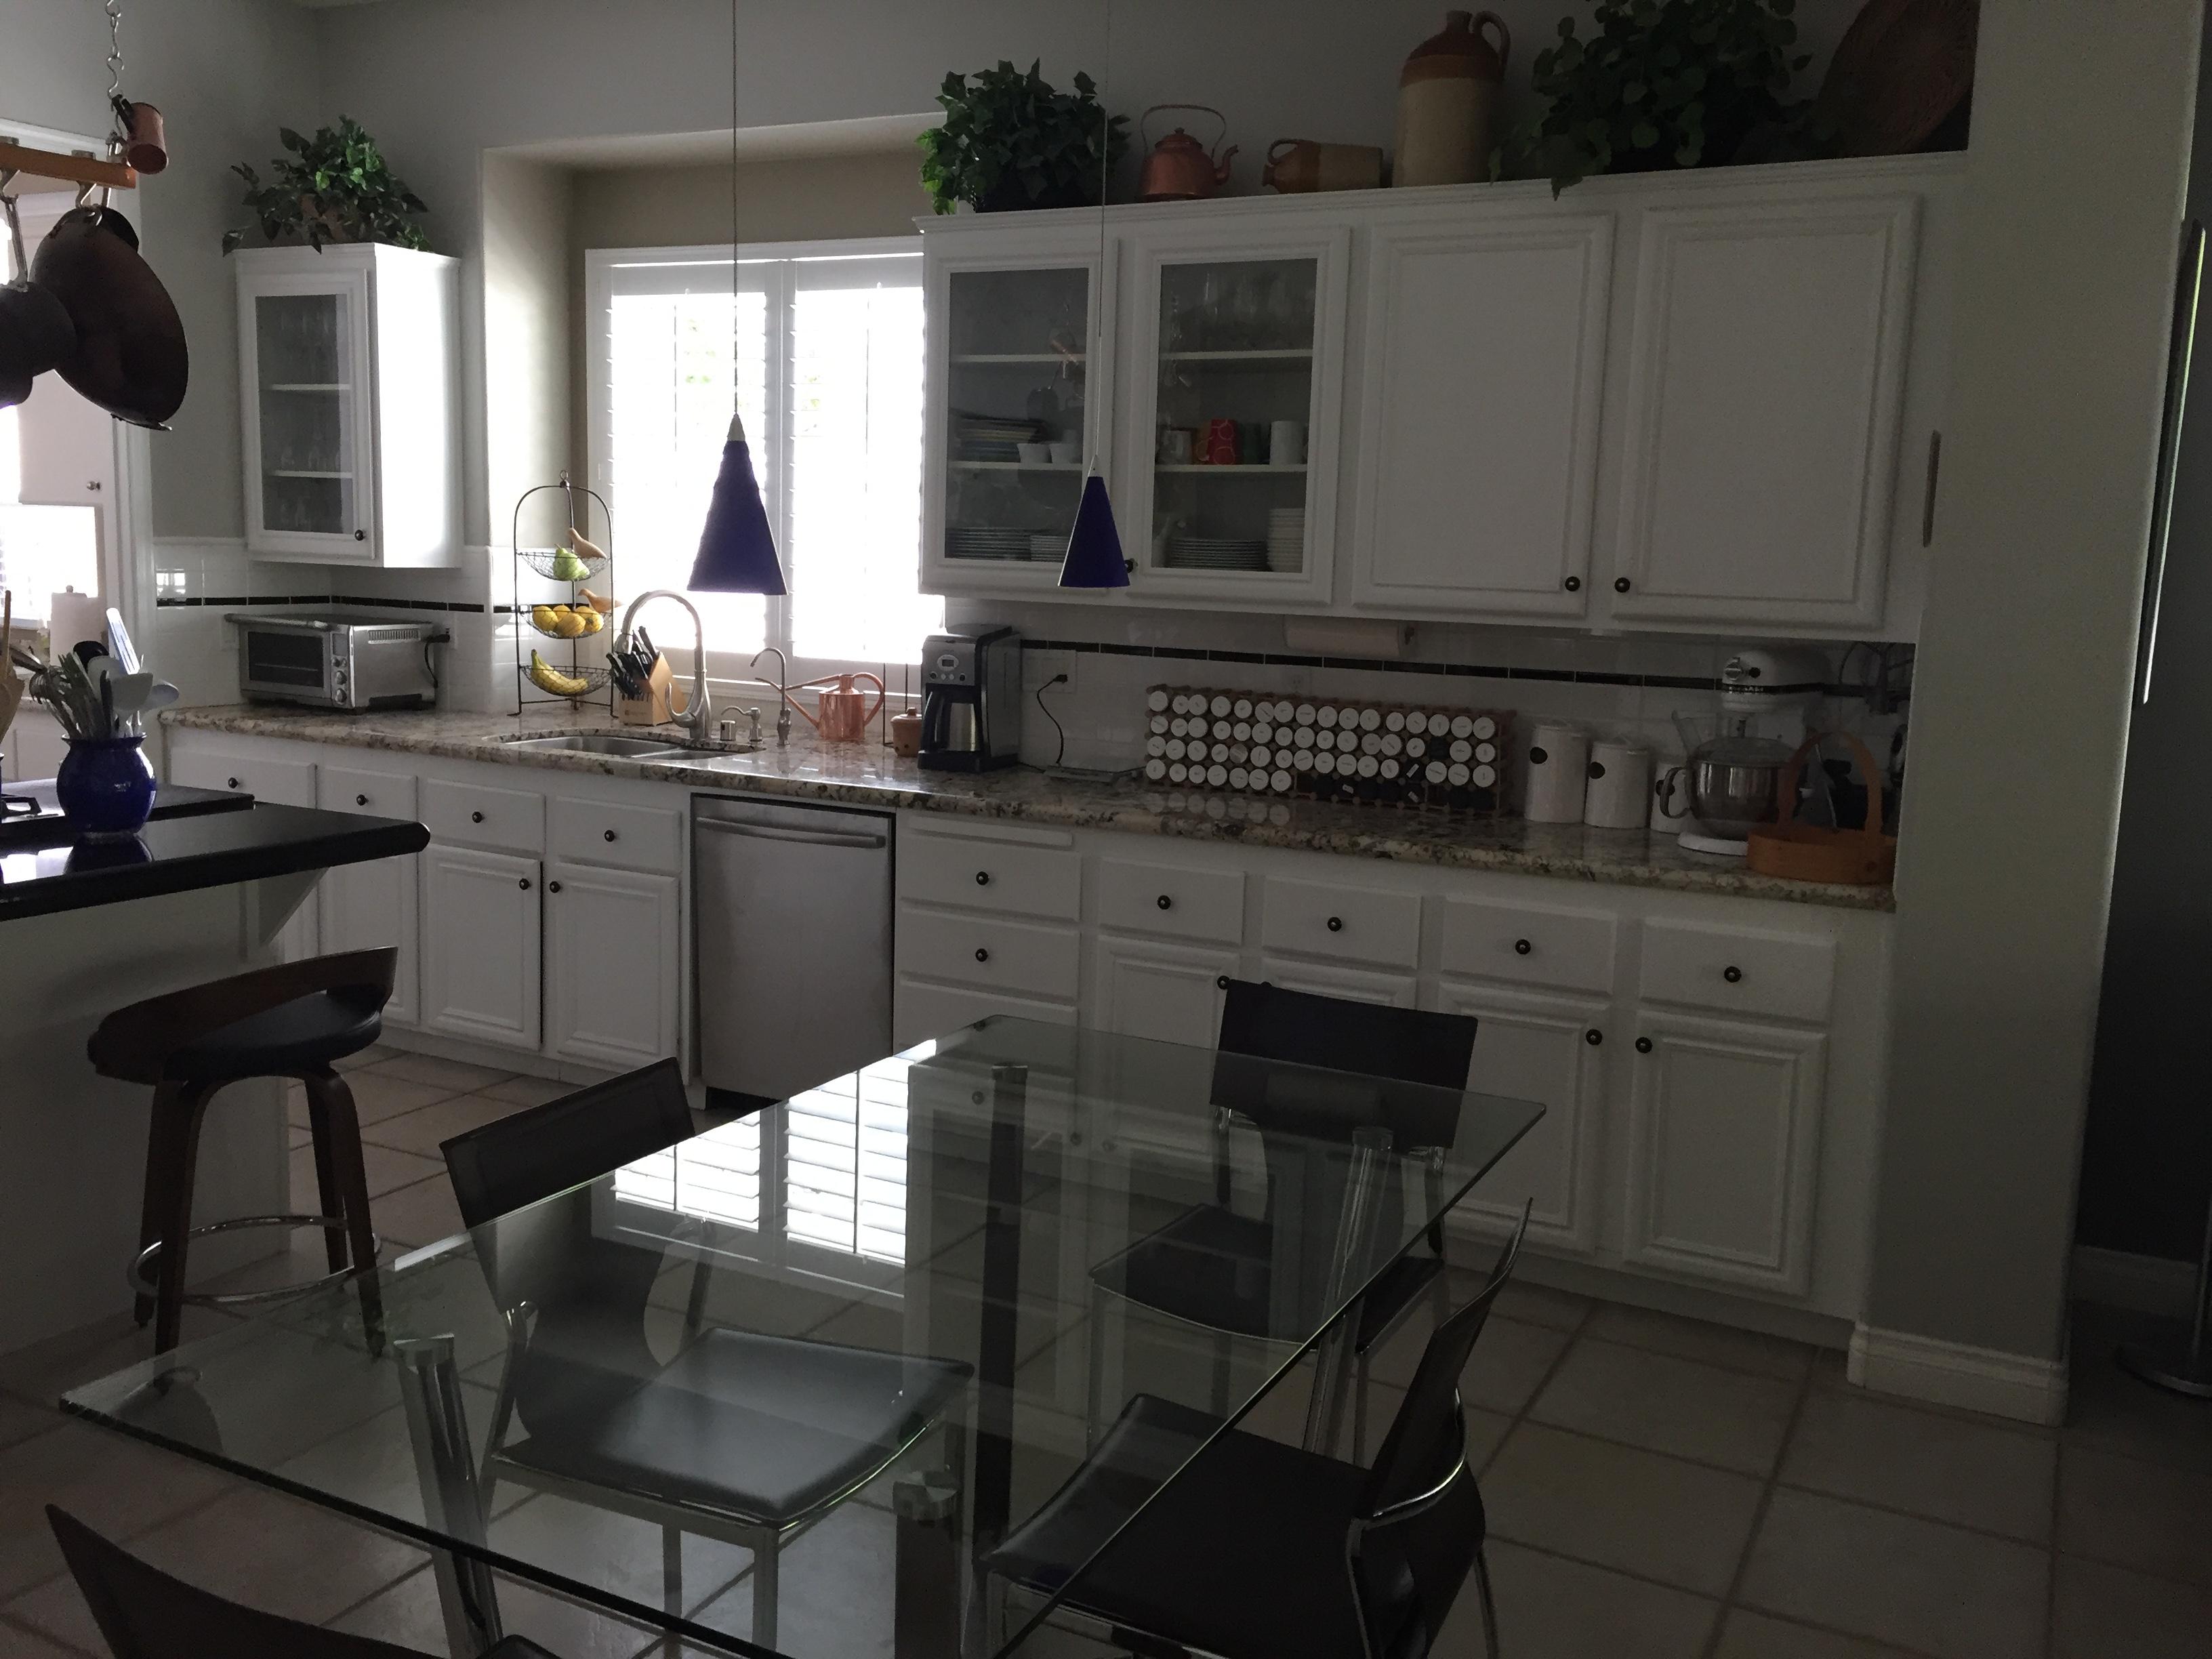 Uncategorized Kitchen Appliances Las Vegas an ikea kitchen in las vegas rocks a european look vegas